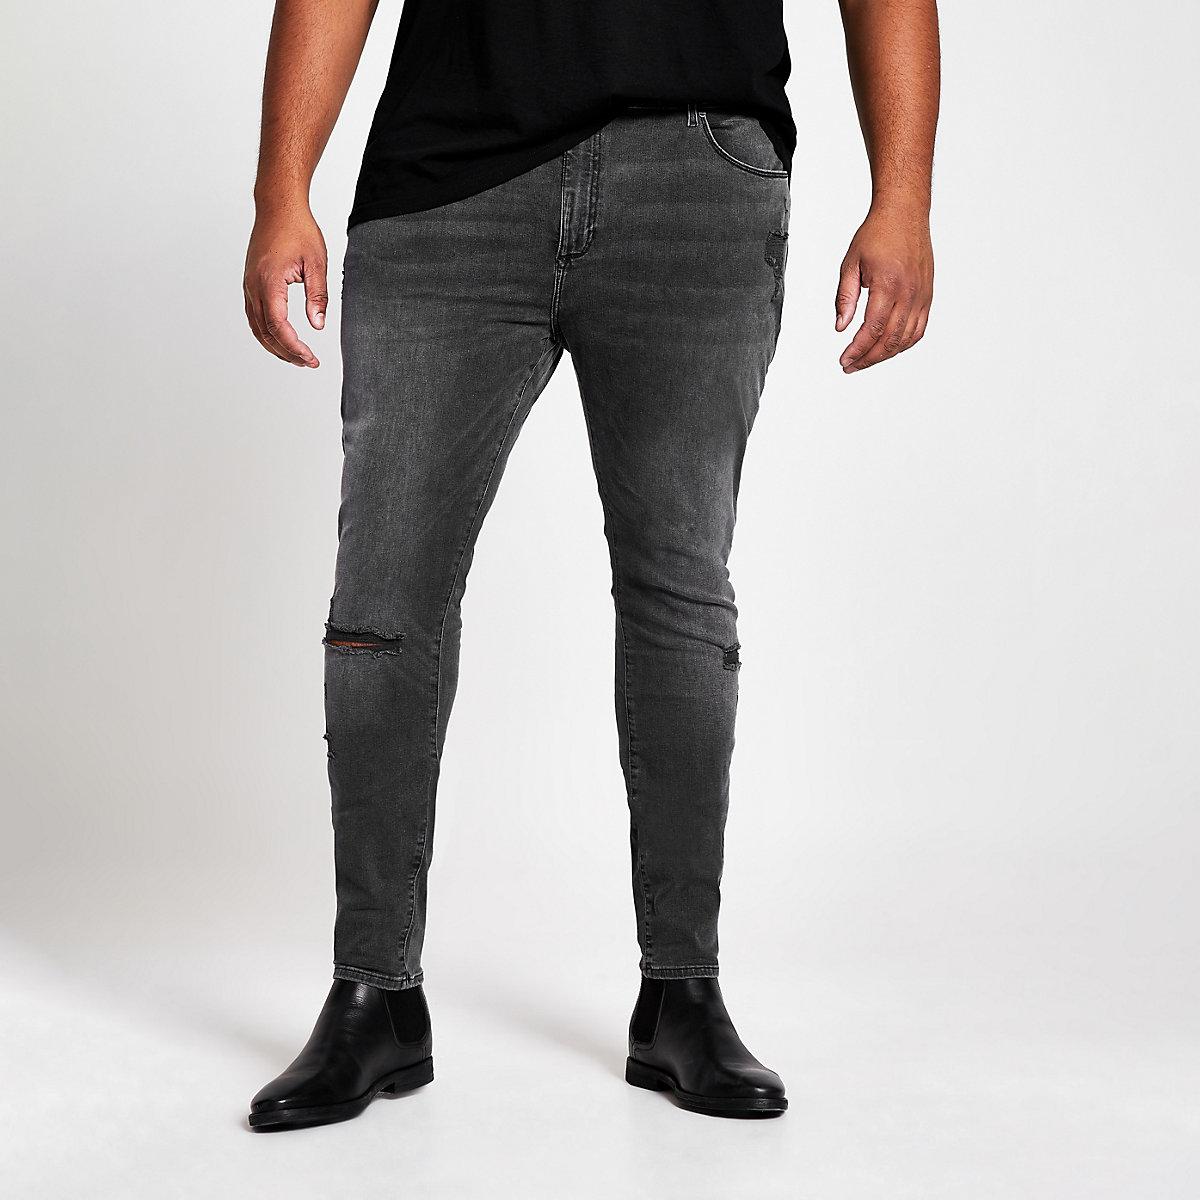 Big & Tall black wash ripped jeans